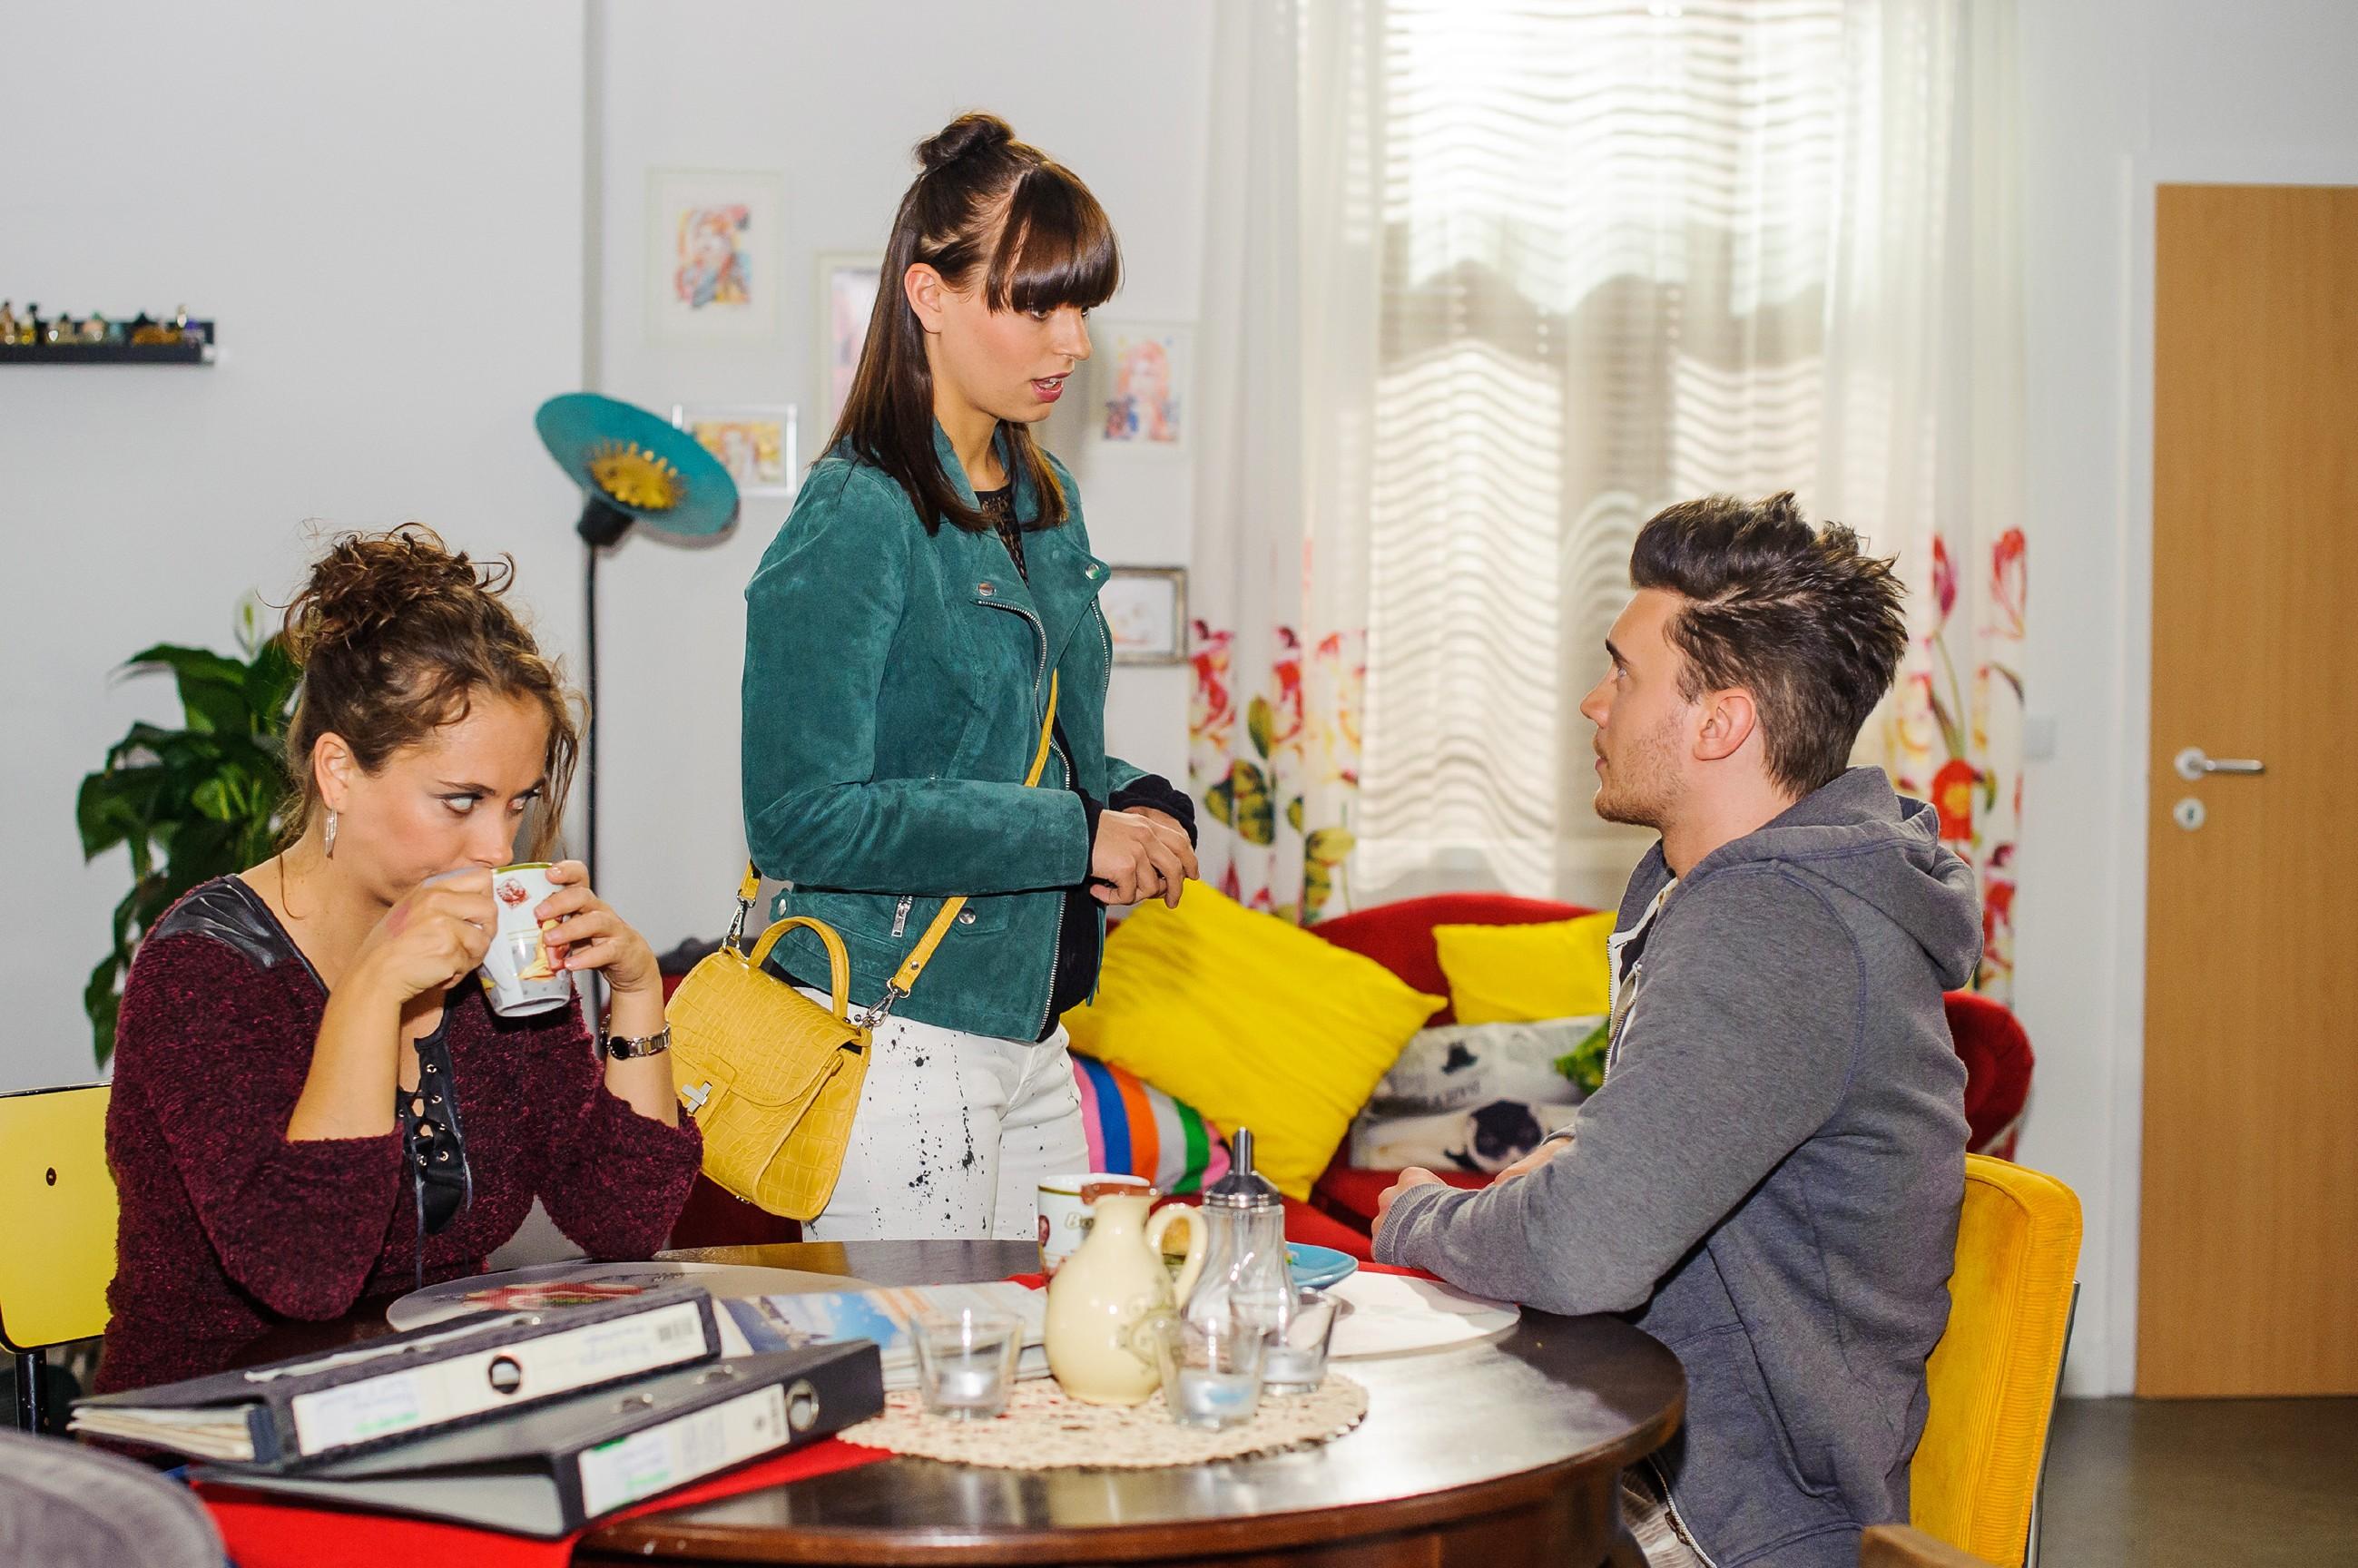 Ronny (Bela Klentze) nimmt es sportlich, als er im Beisein von Carmen (Heike Warmuth, l.) erneut eine Abfuhr von Michelle (Franziska Benz) kassiert.